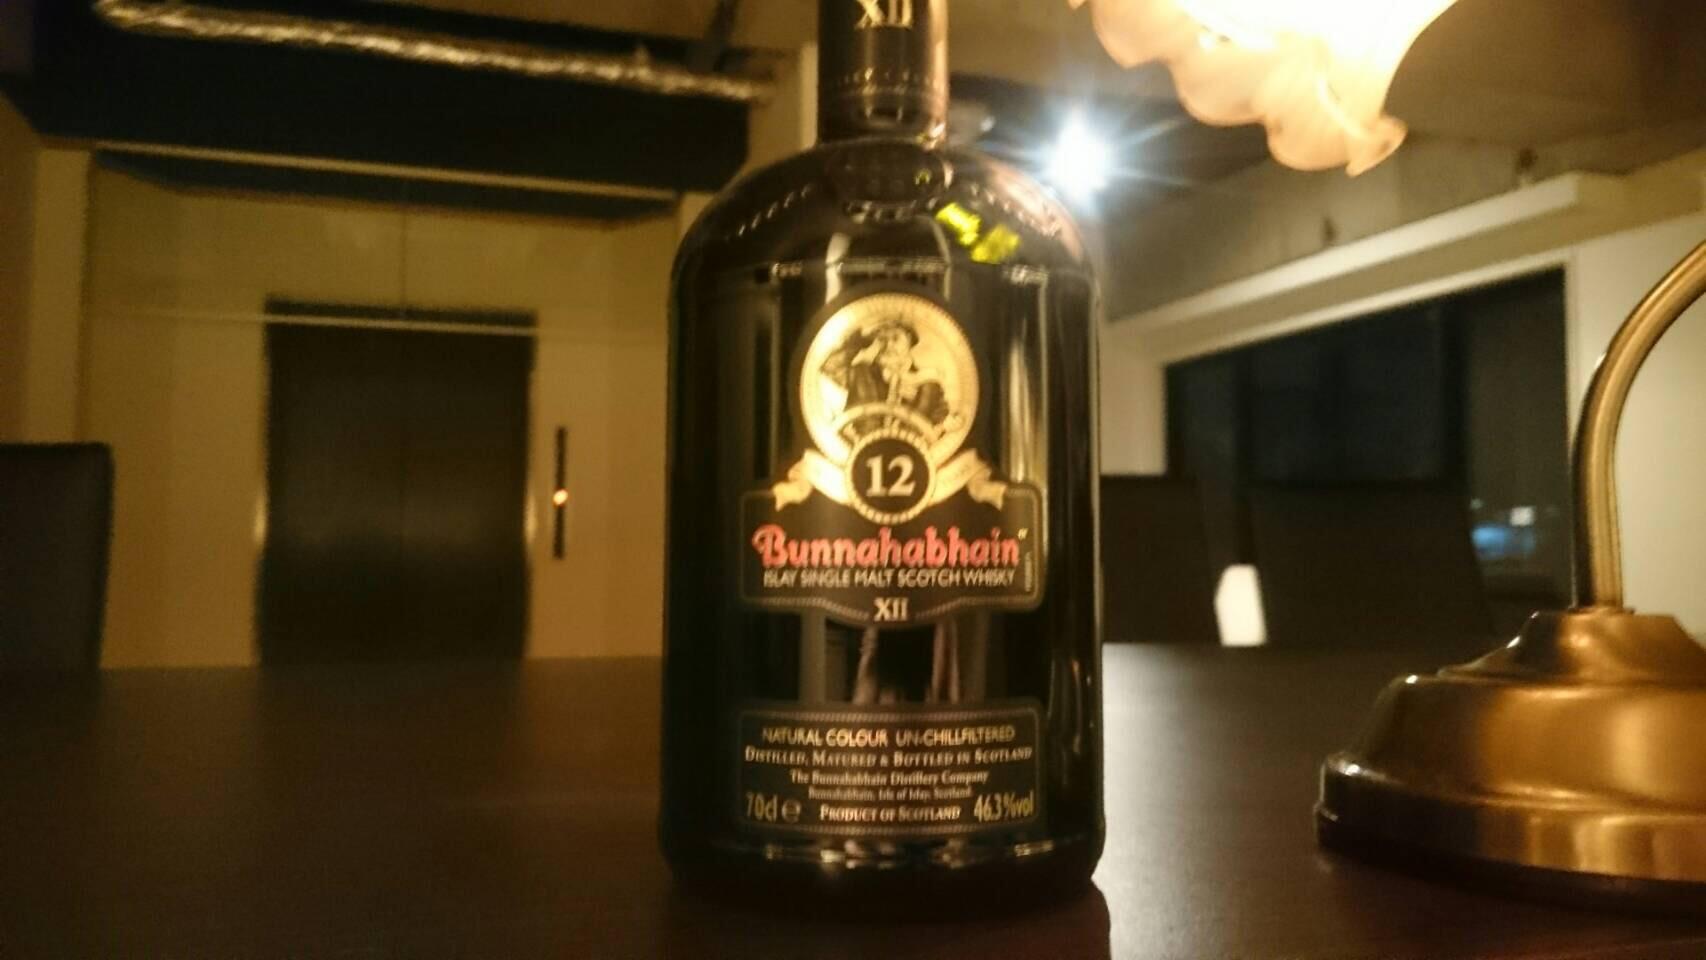 ウイスキー:Bunnahabhain